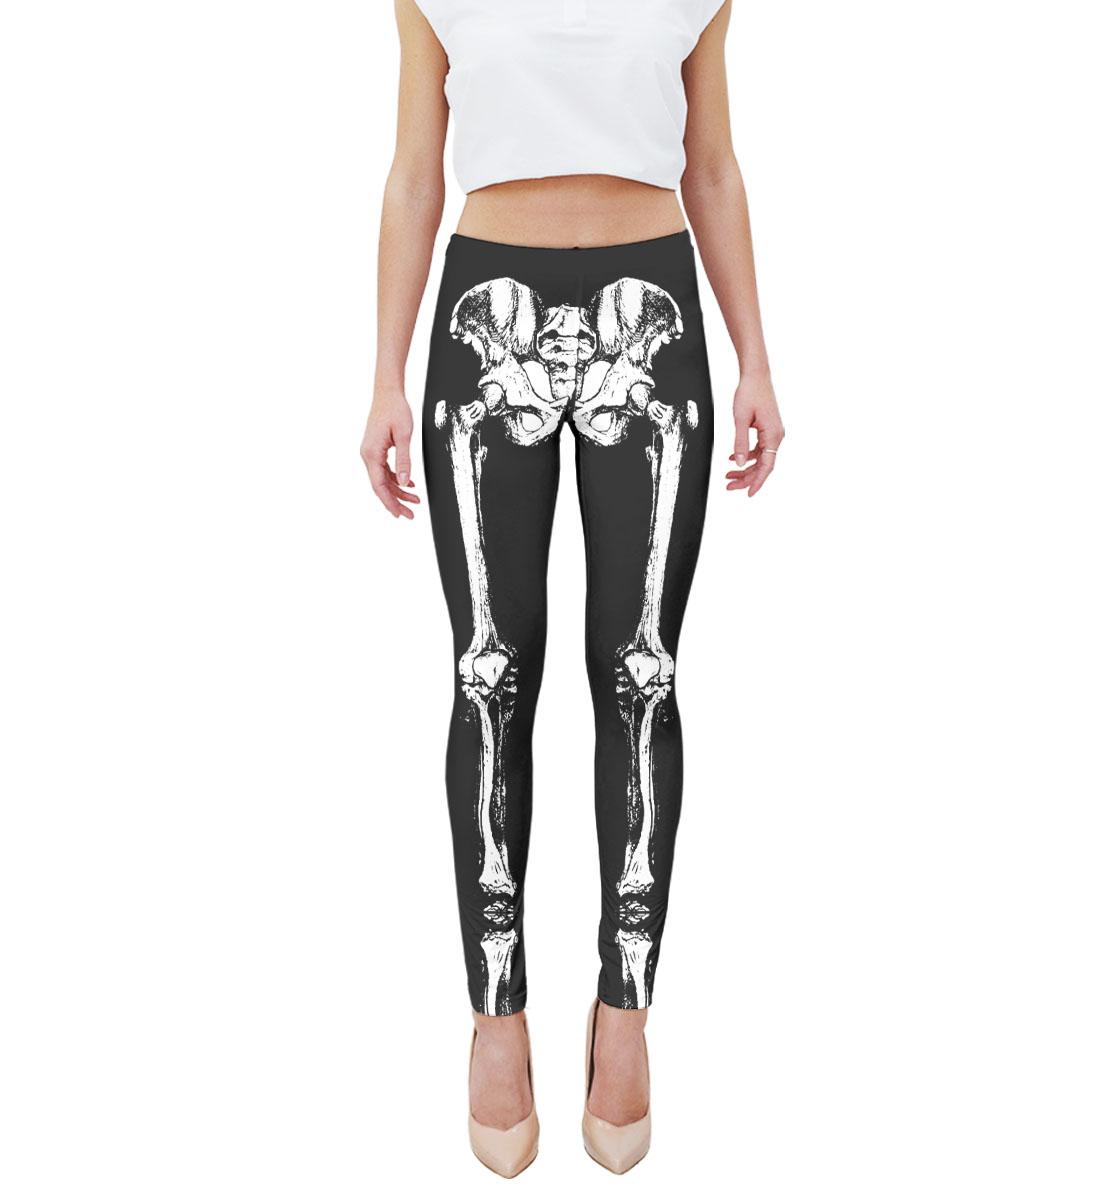 Купить Скелет, Printbar, Леггинсы, NWT-425159-lgs-1